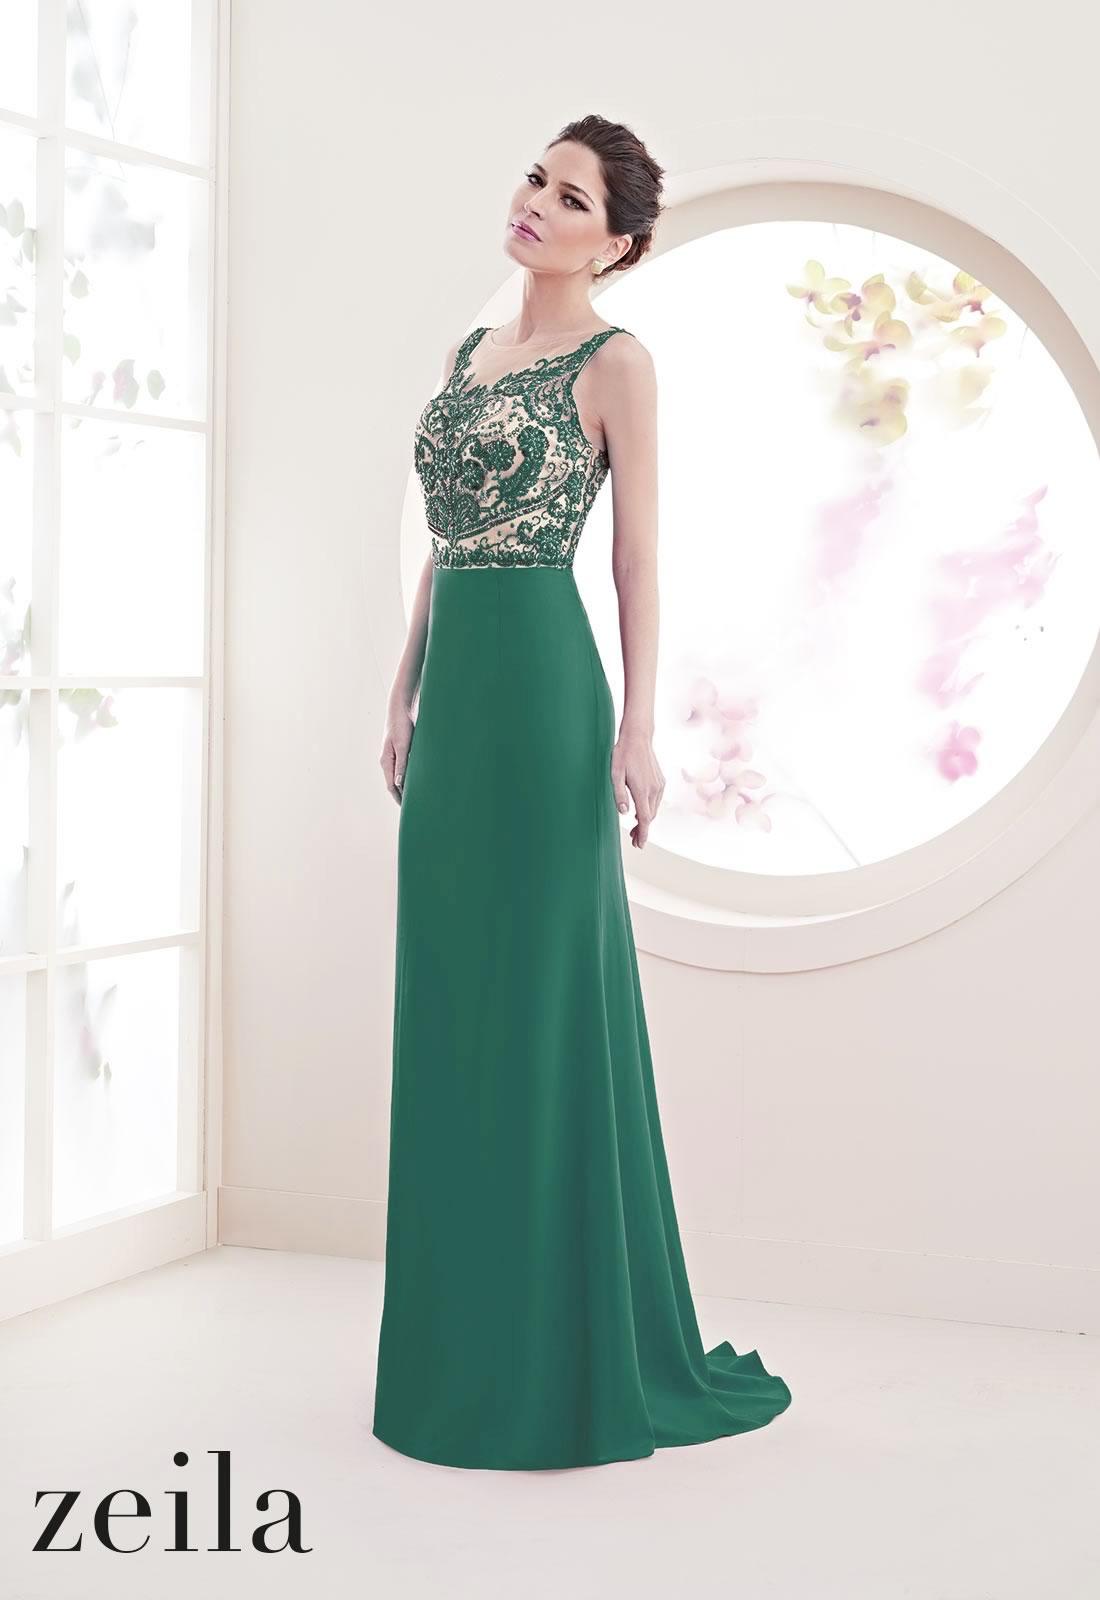 435ce3436 TodoBoda.com - 10 vestidos de fiesta para bodas de verano